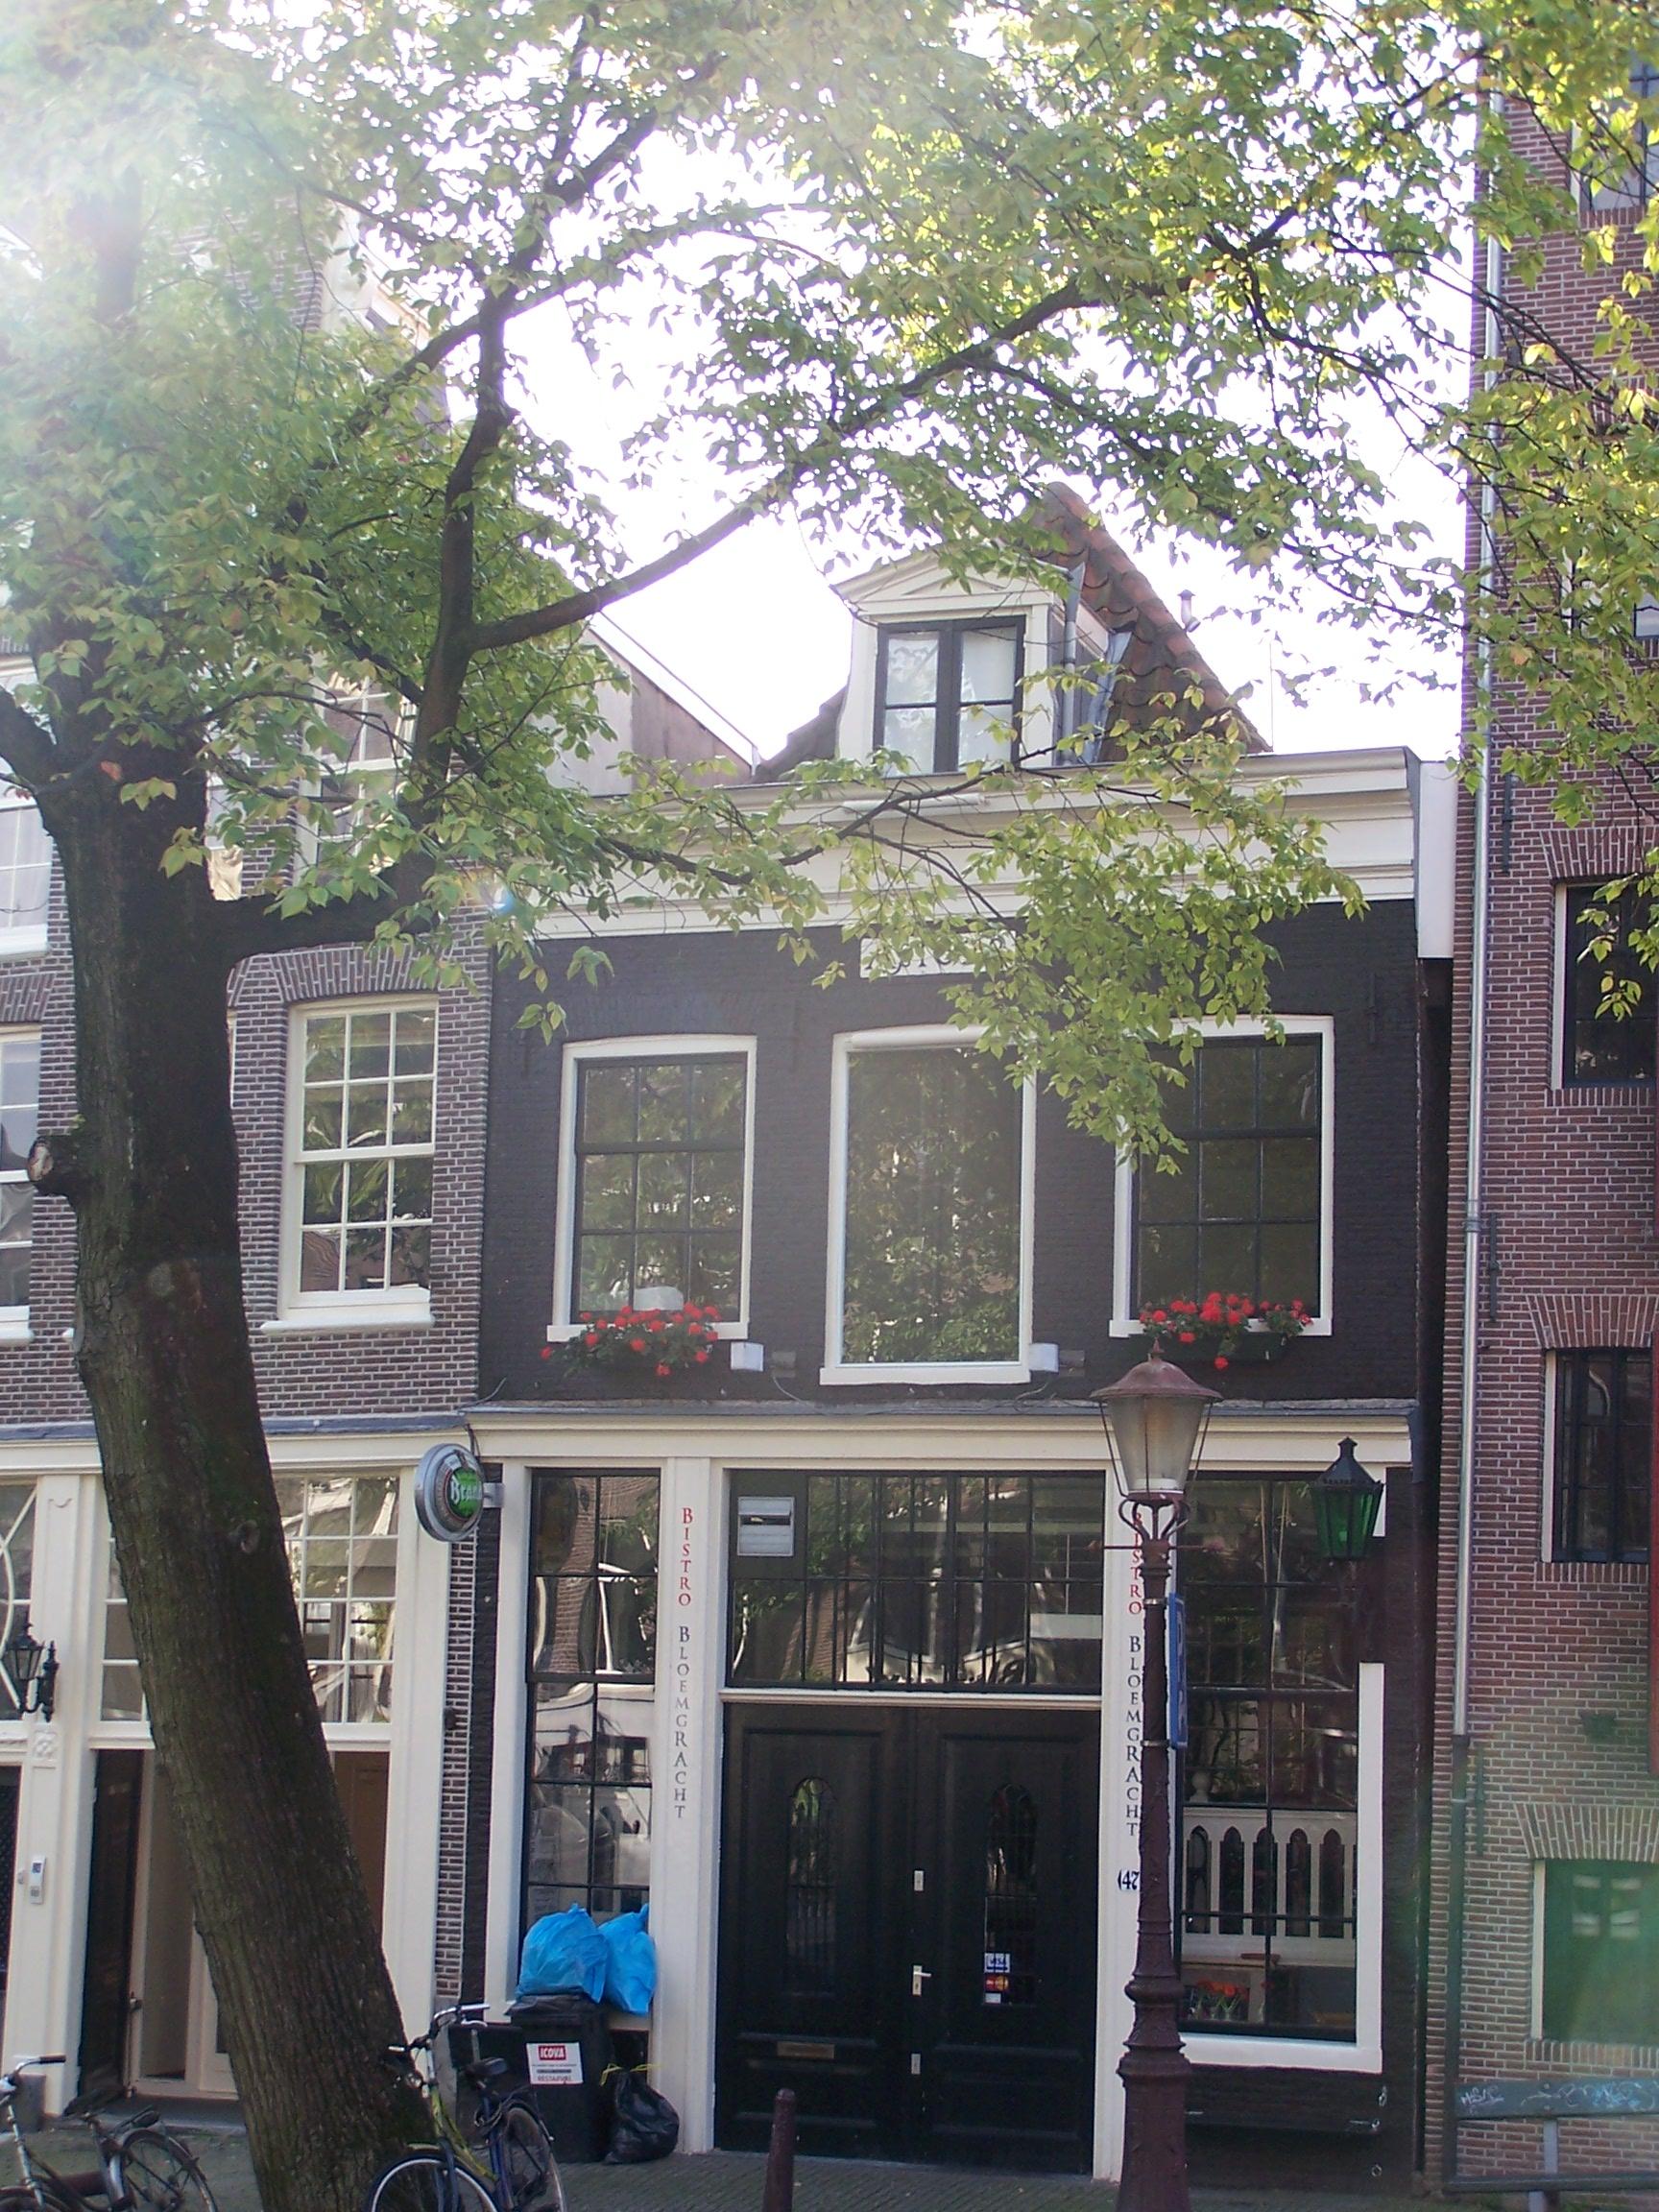 Huis met gevel onder rechte lijst in amsterdam monument - Provencaalse huis gevel ...